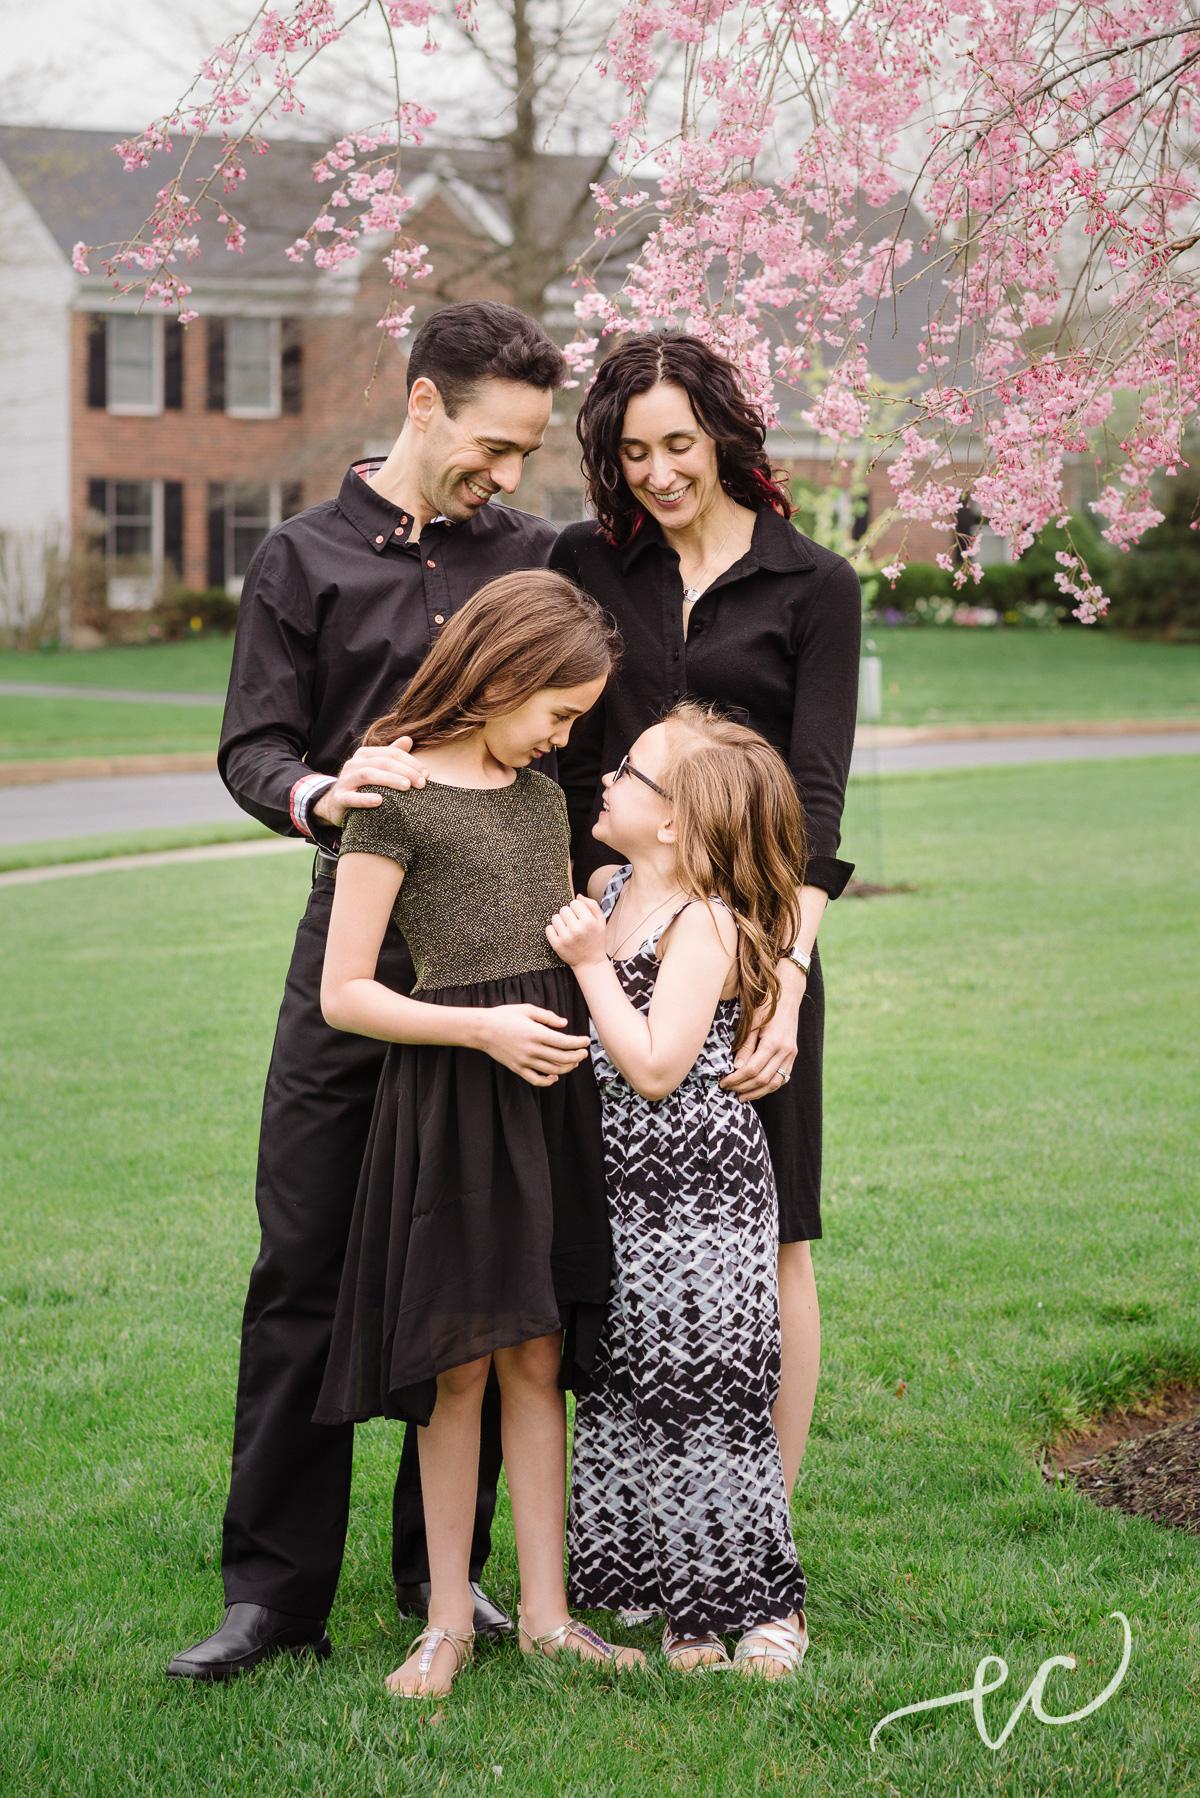 blue_bell_photographer_k_family_13.jpg